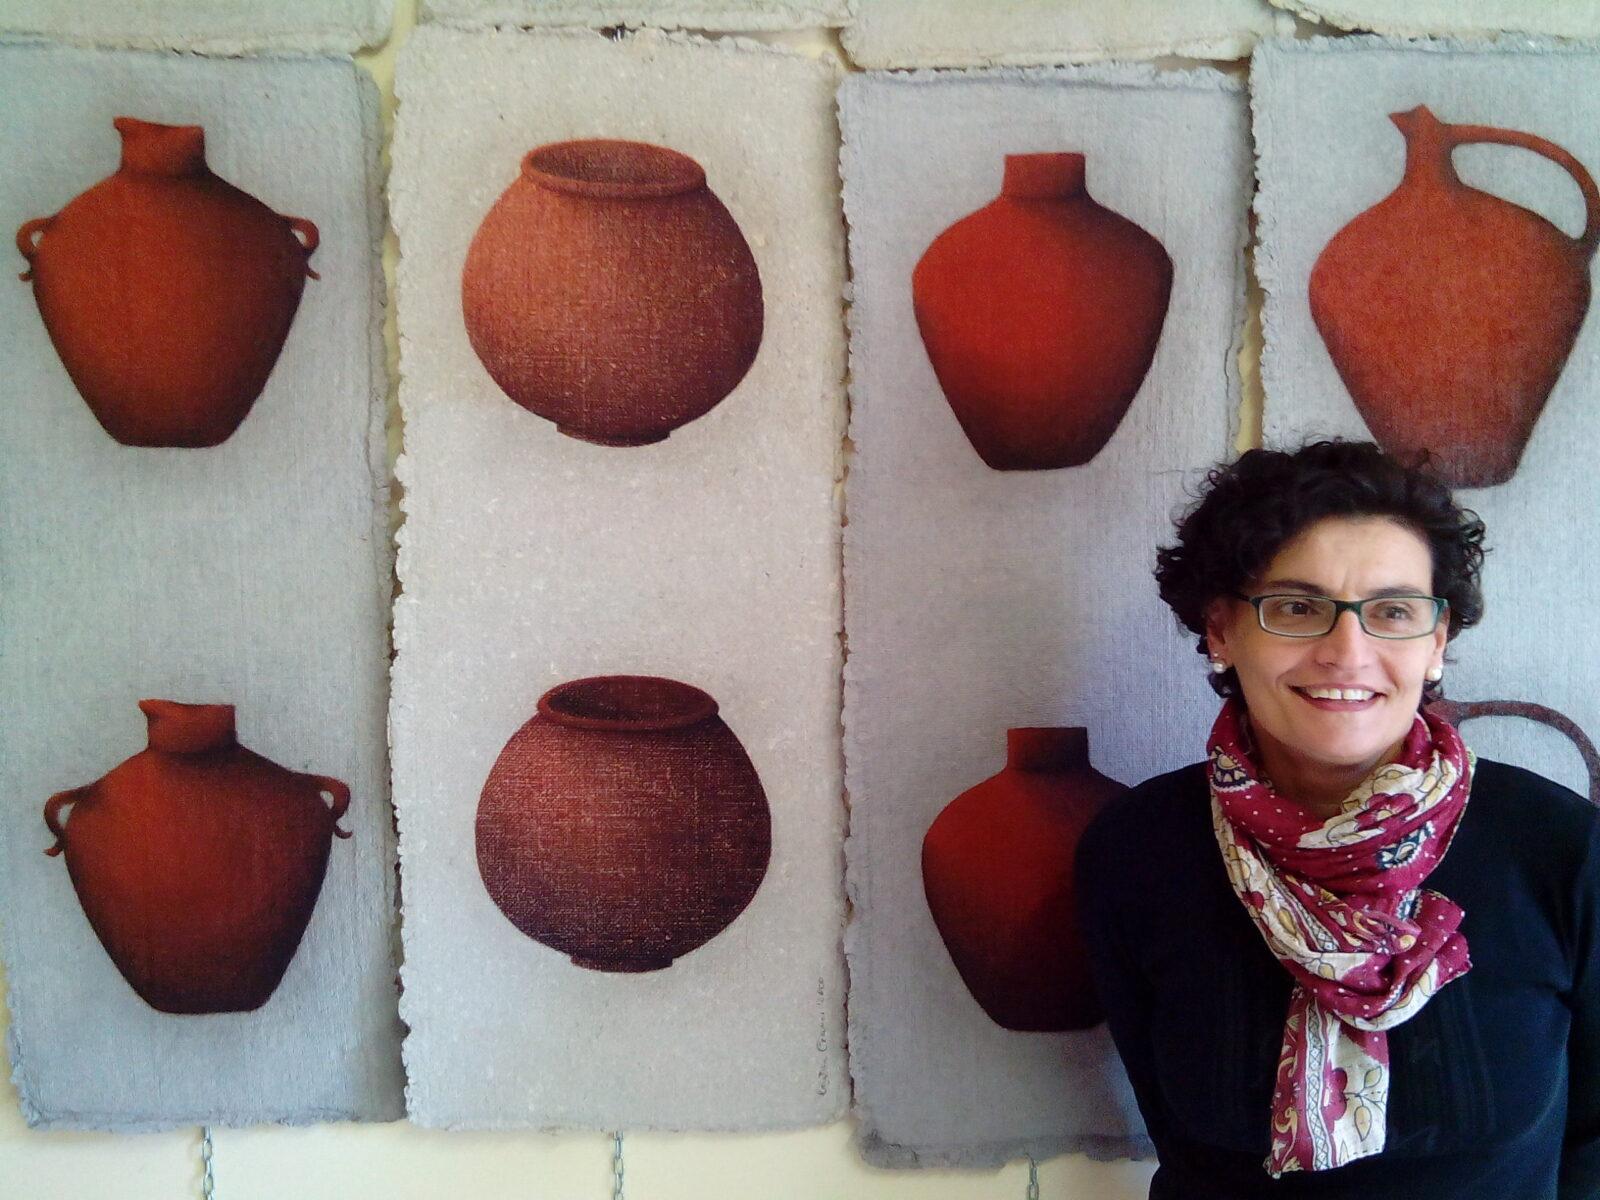 L'artista Cristina Cianci con alcune opere in mostra da Etra Home Gallery